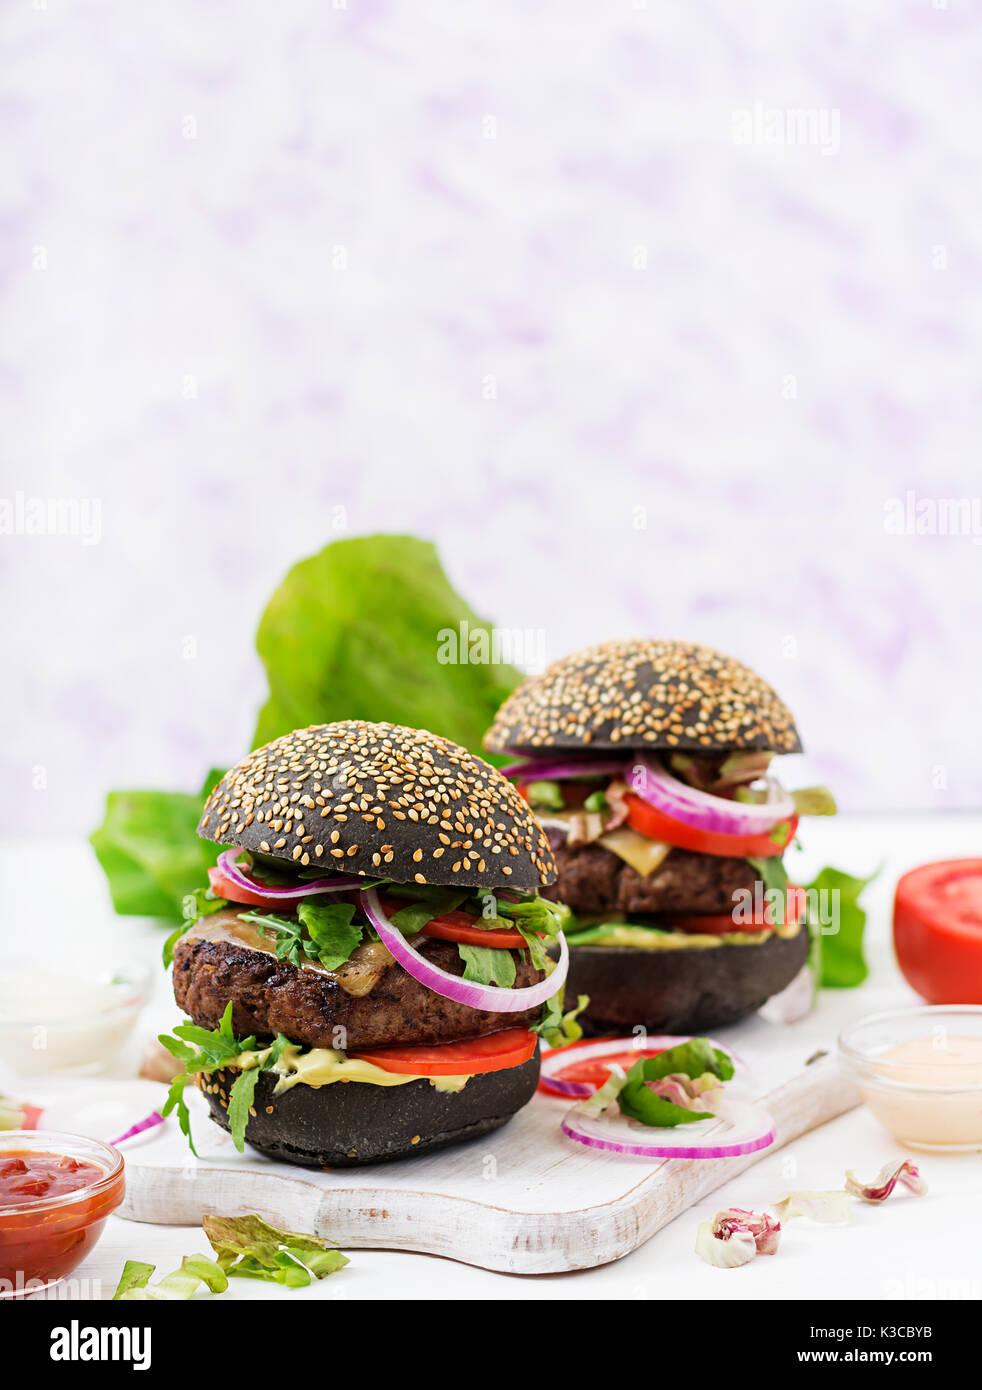 Schwarz big Sandwich - schwarz Hamburger mit saftigen Beef Burger, Käse, Tomaten und Zwiebel rot auf hellem Hintergrund. Stockbild